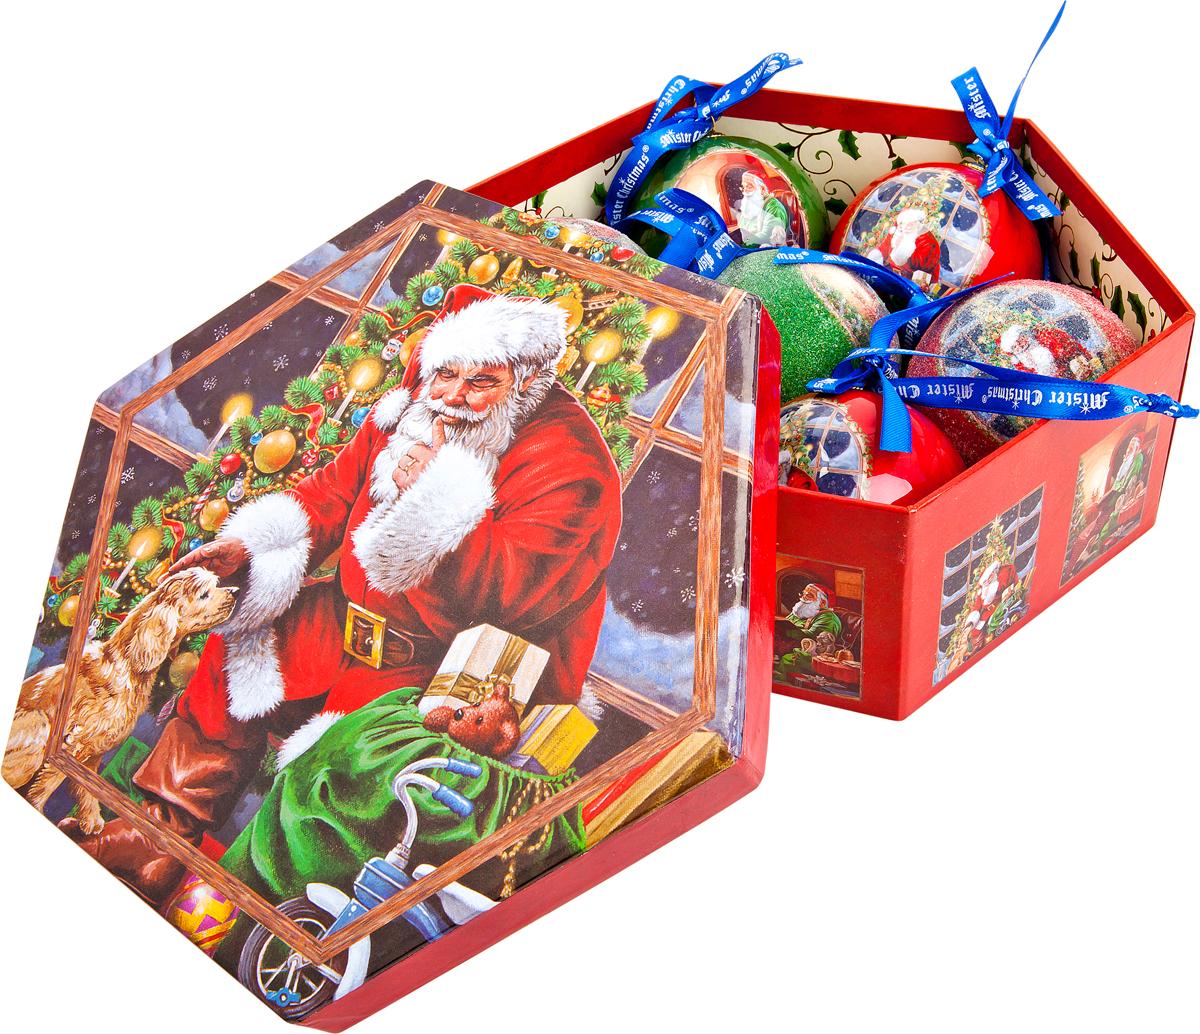 Набор новогодних подвесных украшений Mister Christmas Папье-маше, диаметр 7,5 см, 7 шт. PM-47-7PM-47-7Набор из 7 подвесных украшений Mister Christmas Папье-маше прекрасно подойдет для праздничного декора новогодней ели. Изделия, выполненные из бумаги и покрытые несколькими слоями лака, очень прочные и легкие. Такие шары создадут единый стиль в оформлении не только ели, но и интерьера вашего дома. В наборе игрушки имеют глянцевую поверхность и покрытые мелкой пластиковой крошкой. Все изделия оснащены атласной ленточкой с логотипом бренда Mister Christmas для подвешивания. Такие украшения станут превосходным подарком к Новому году, а также дополнят коллекцию оригинальных новогодних елочных игрушек.